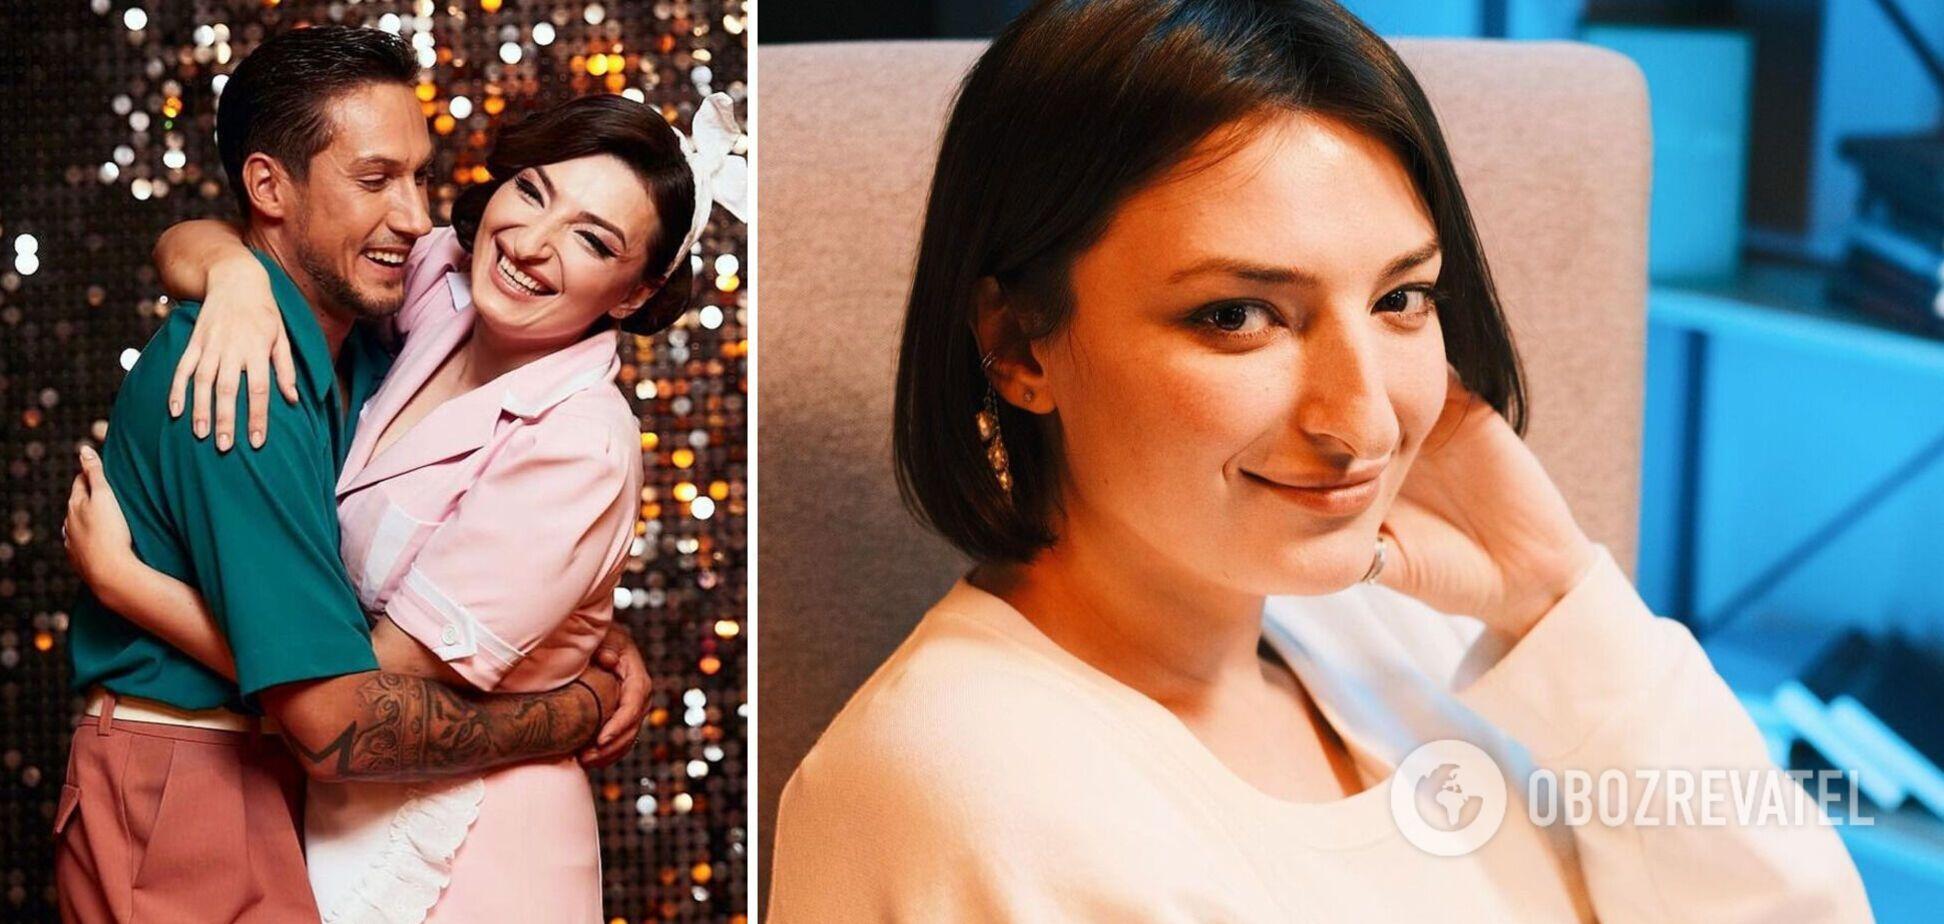 Анастасия Оруджева покинула 'Танці з зірками': что произошло и кто ее заменил